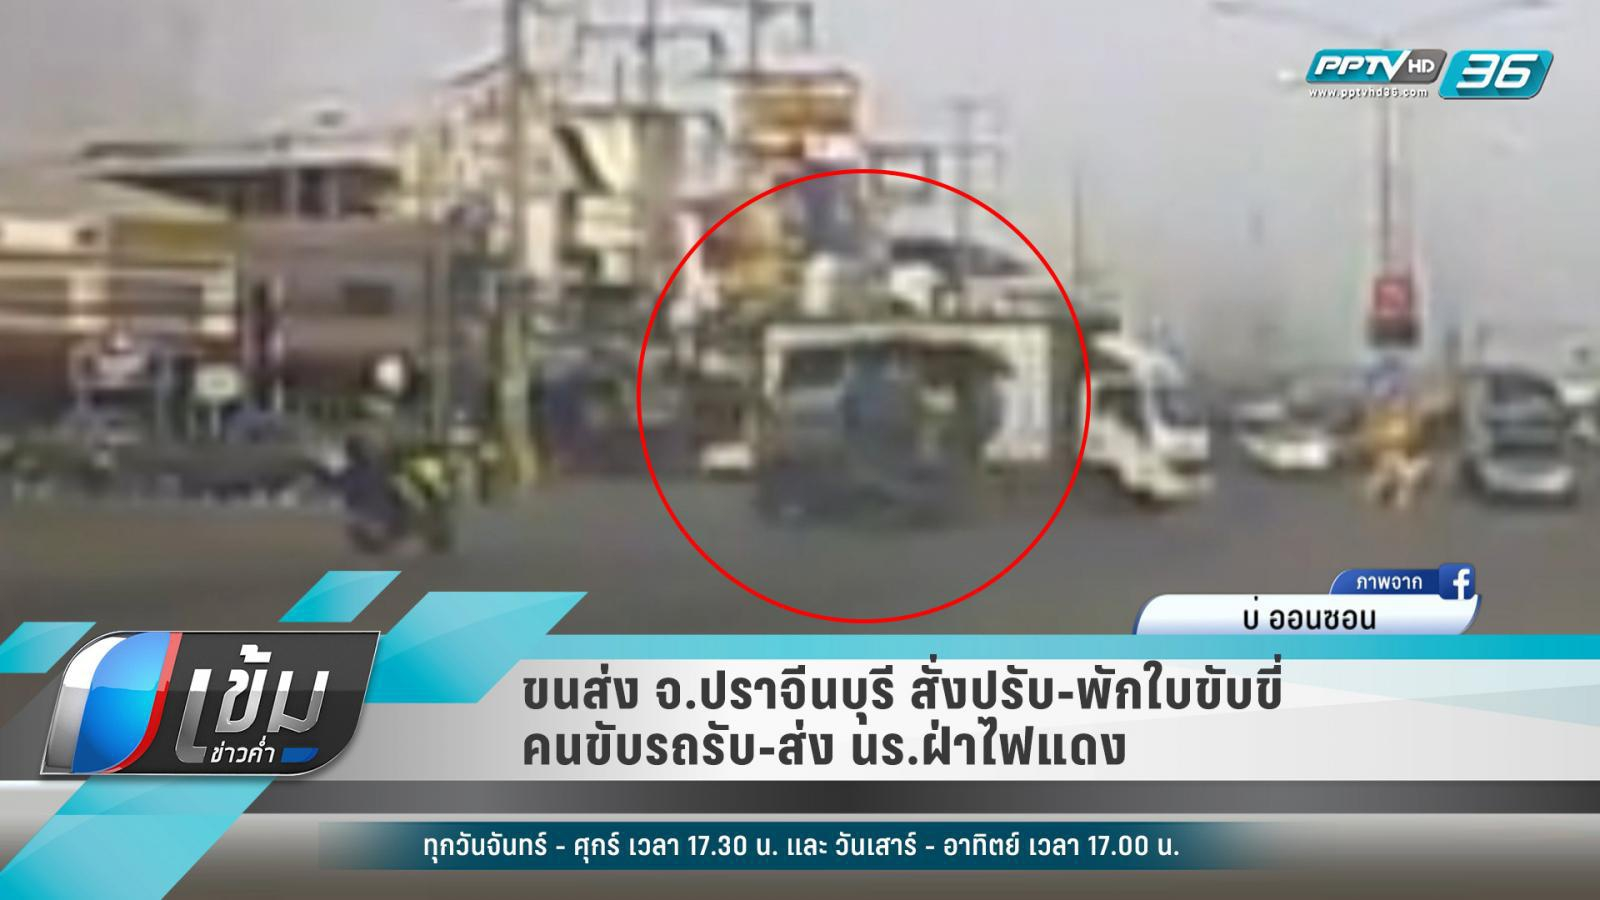 ขนส่ง จ.ปราจีนบุรี สั่งปรับ-พักใบขับขี่ คนขับรถรับ-ส่ง นร.ฝ่าไฟแดง